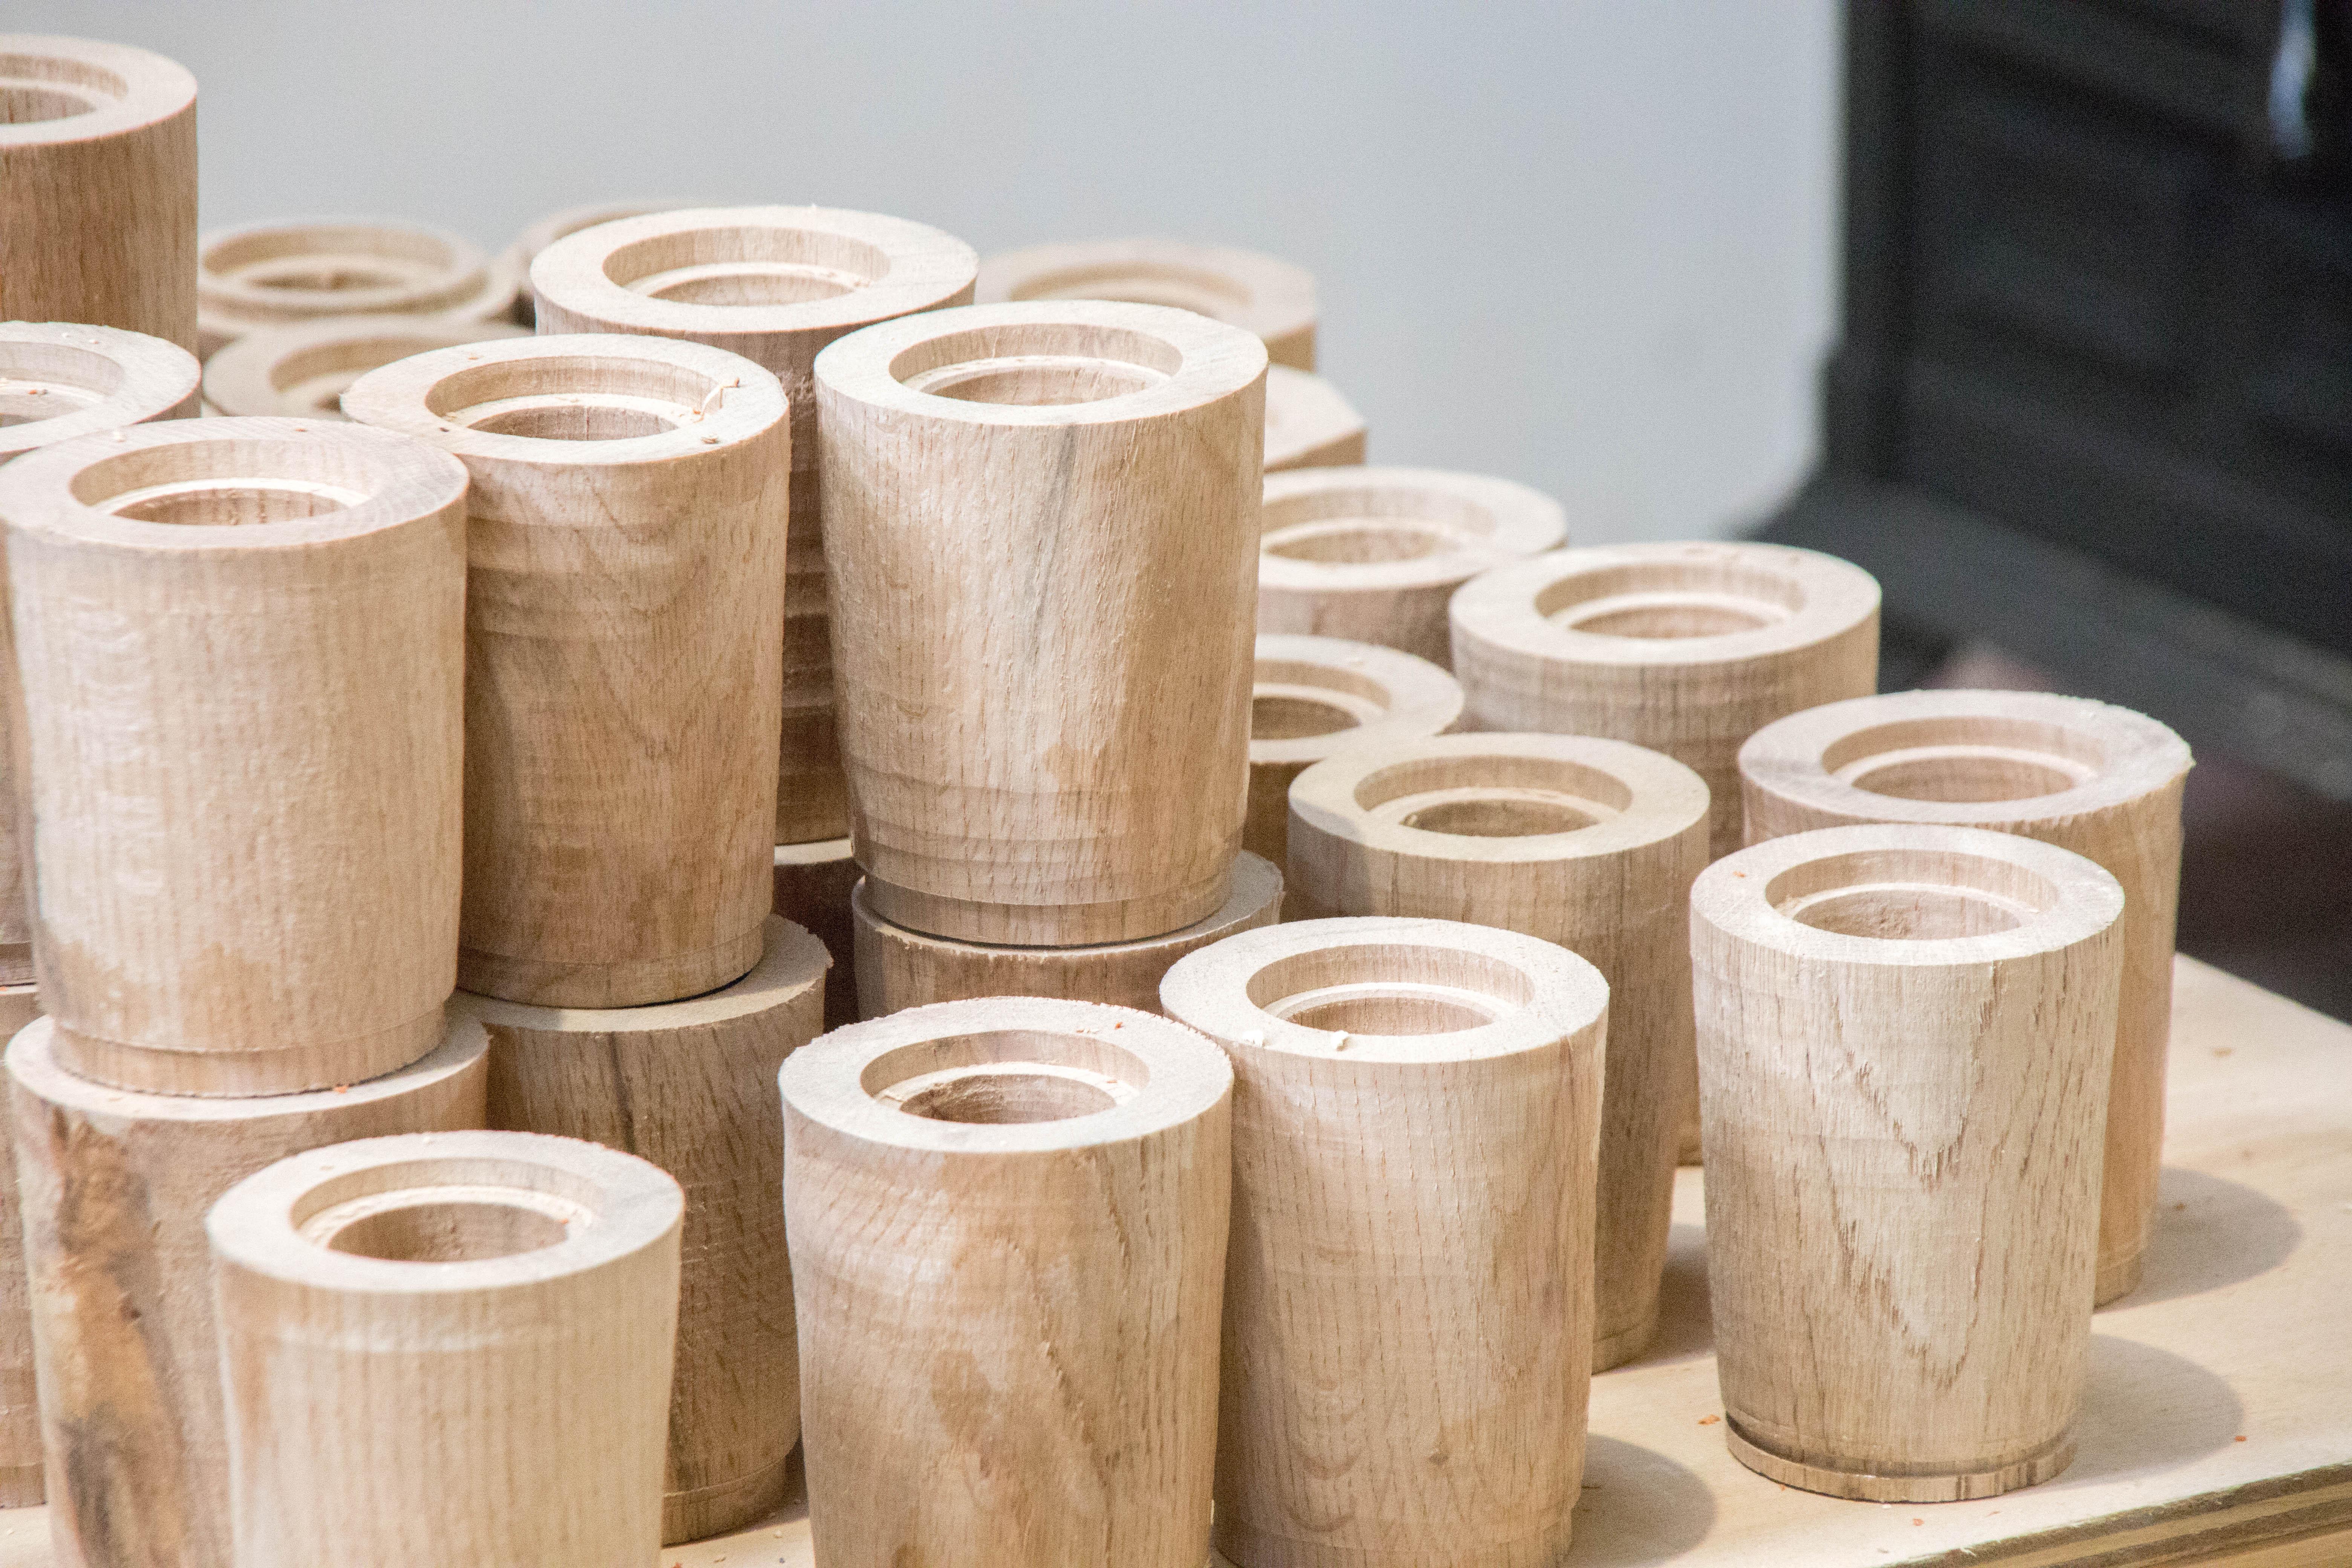 木工家泣かせ(´;ω;`)の木材乾燥